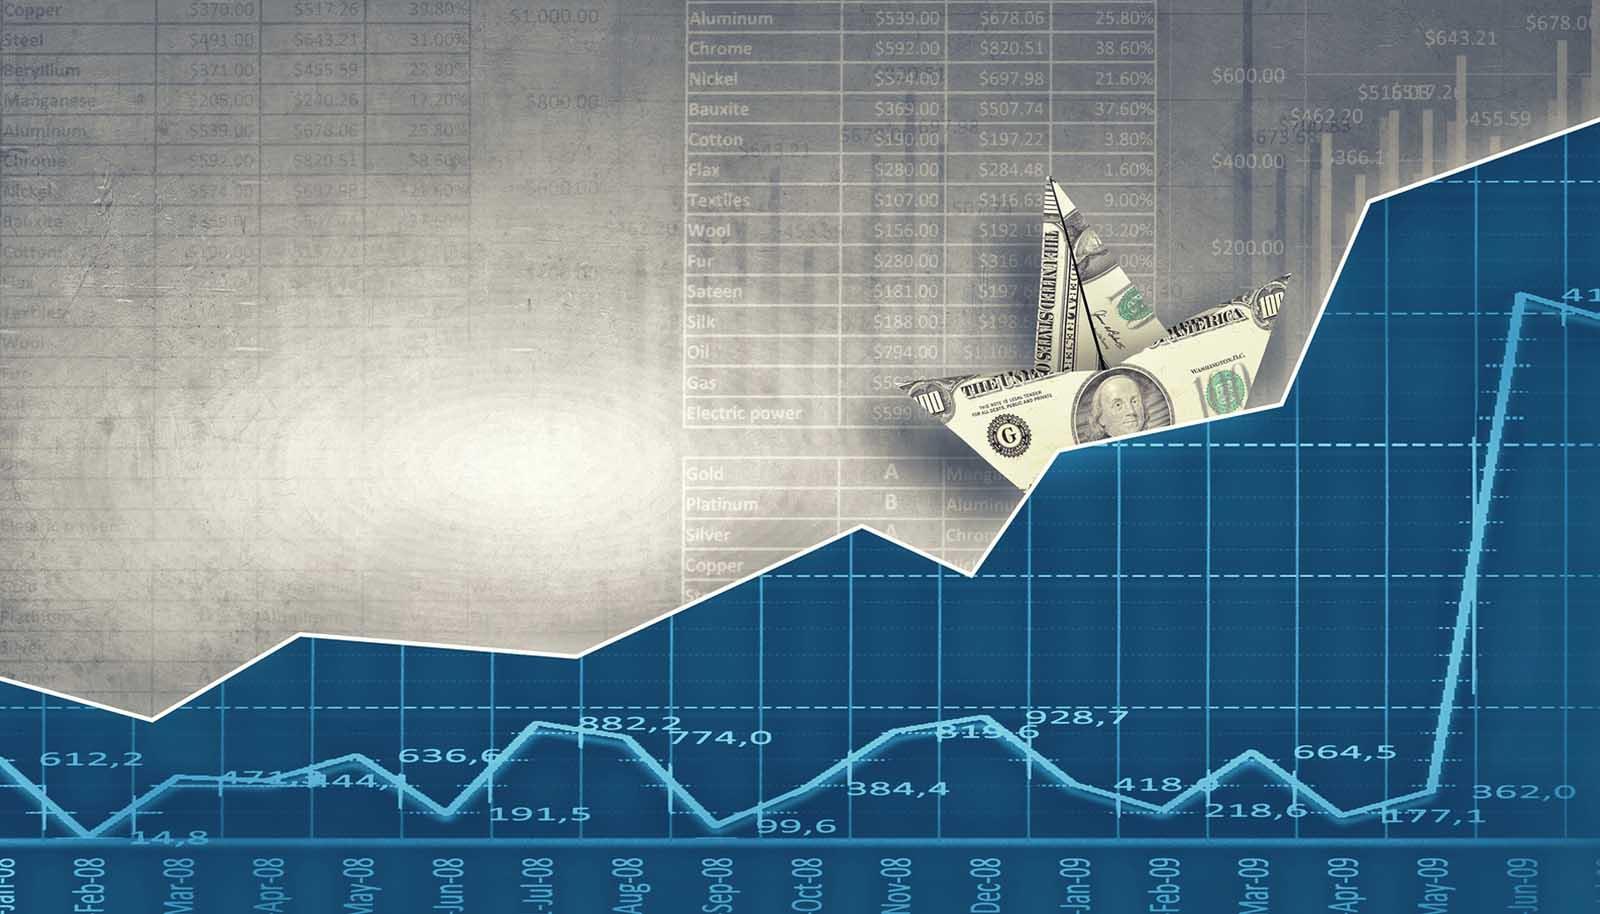 Costo fideiussione bancaria Appia Pignatelli - La soluzione migliore, rispetto a quella bancaria e a quella di istituti finanziari.